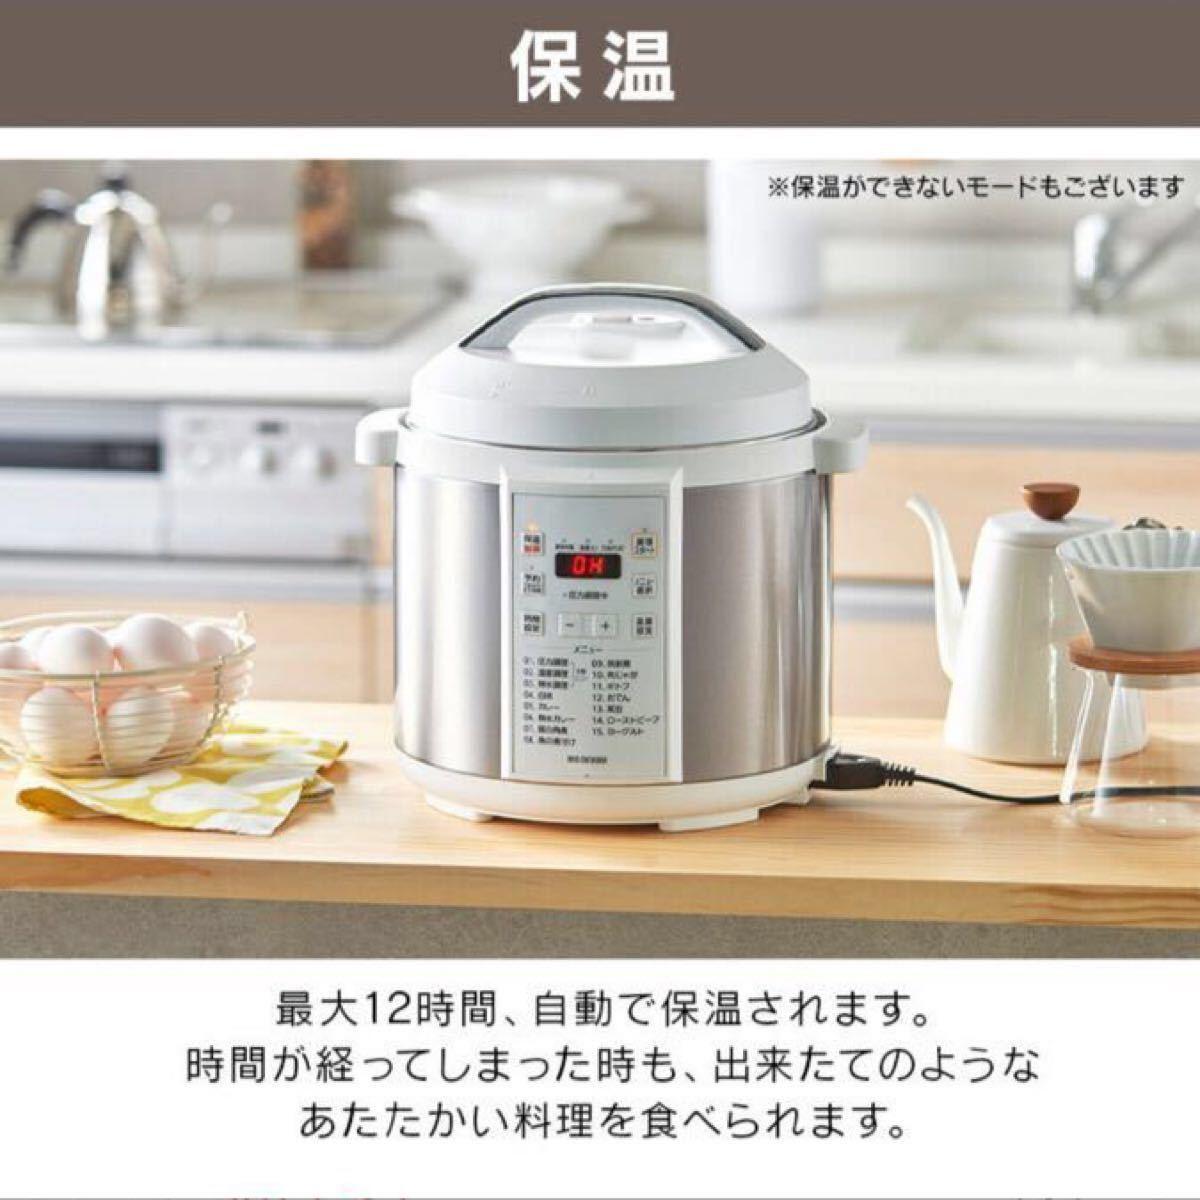 電気圧力鍋 6L アイリスオーヤマ PC-EMA6-W ホワイト